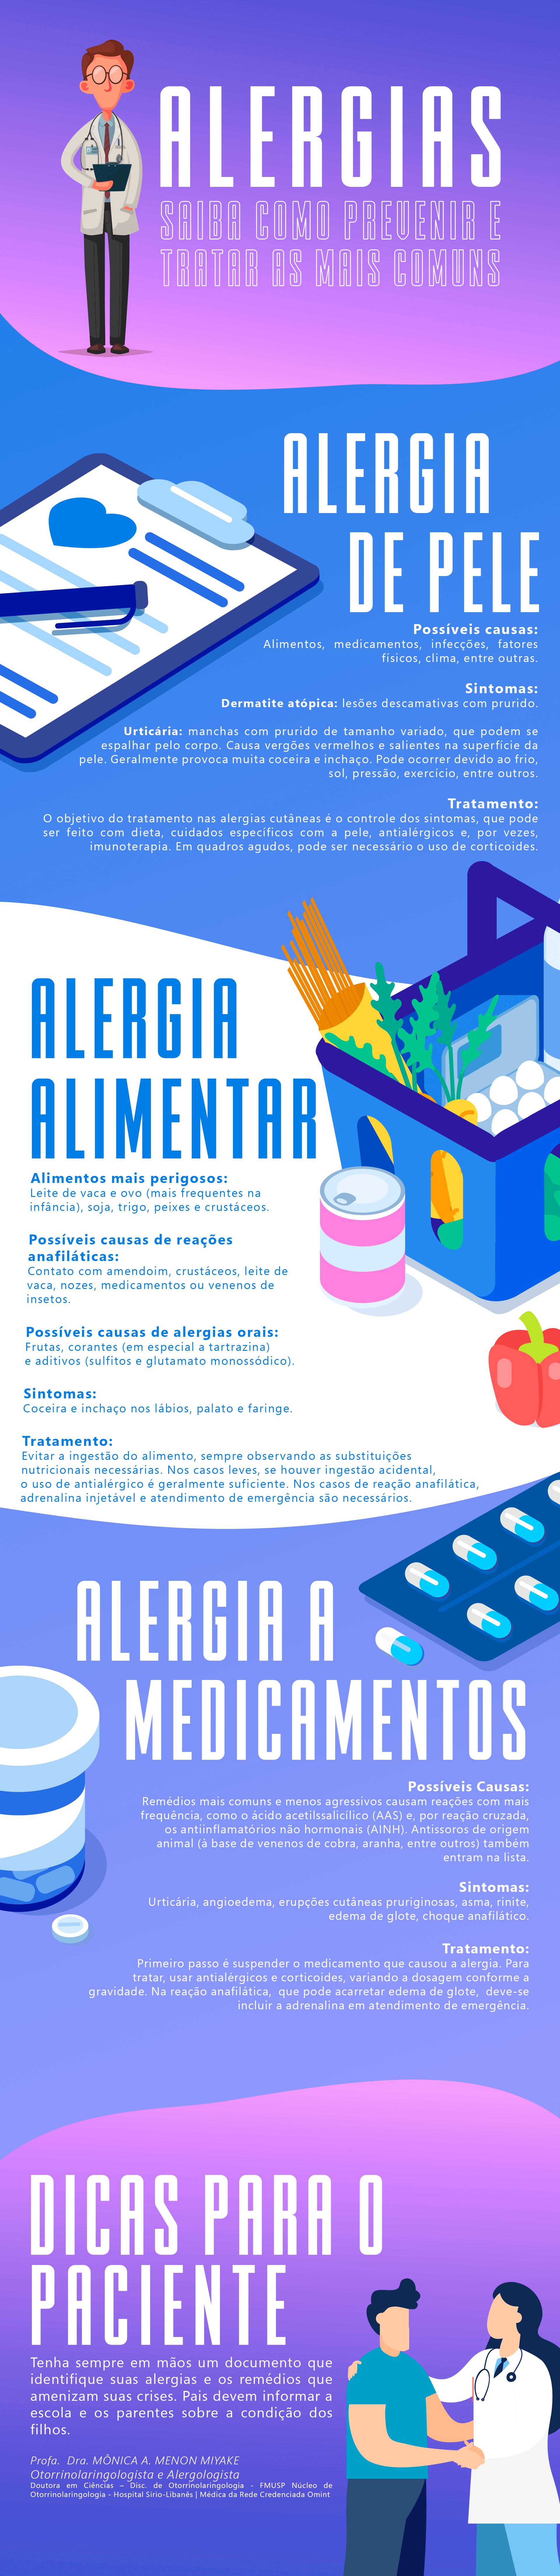 Alergias: saiba como prevenir e tratar as mais comuns [Infográfico]